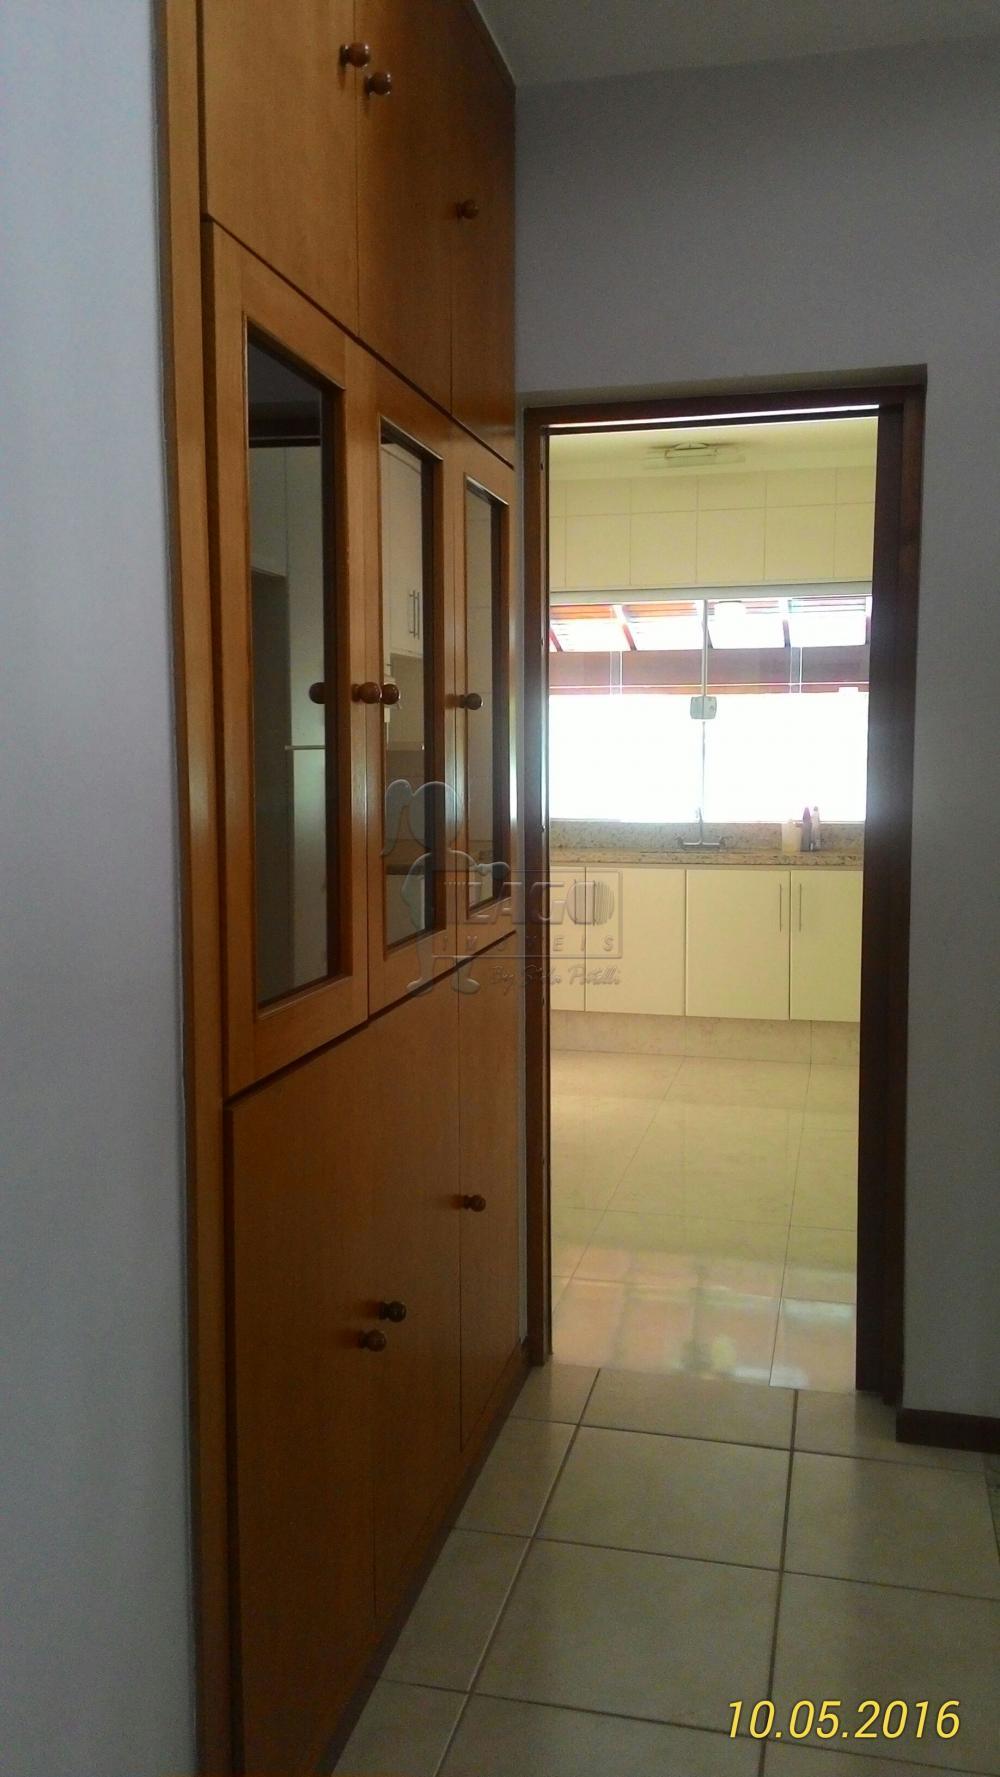 Alugar Casas / Condomínio em Bonfim Paulista apenas R$ 3.500,00 - Foto 5